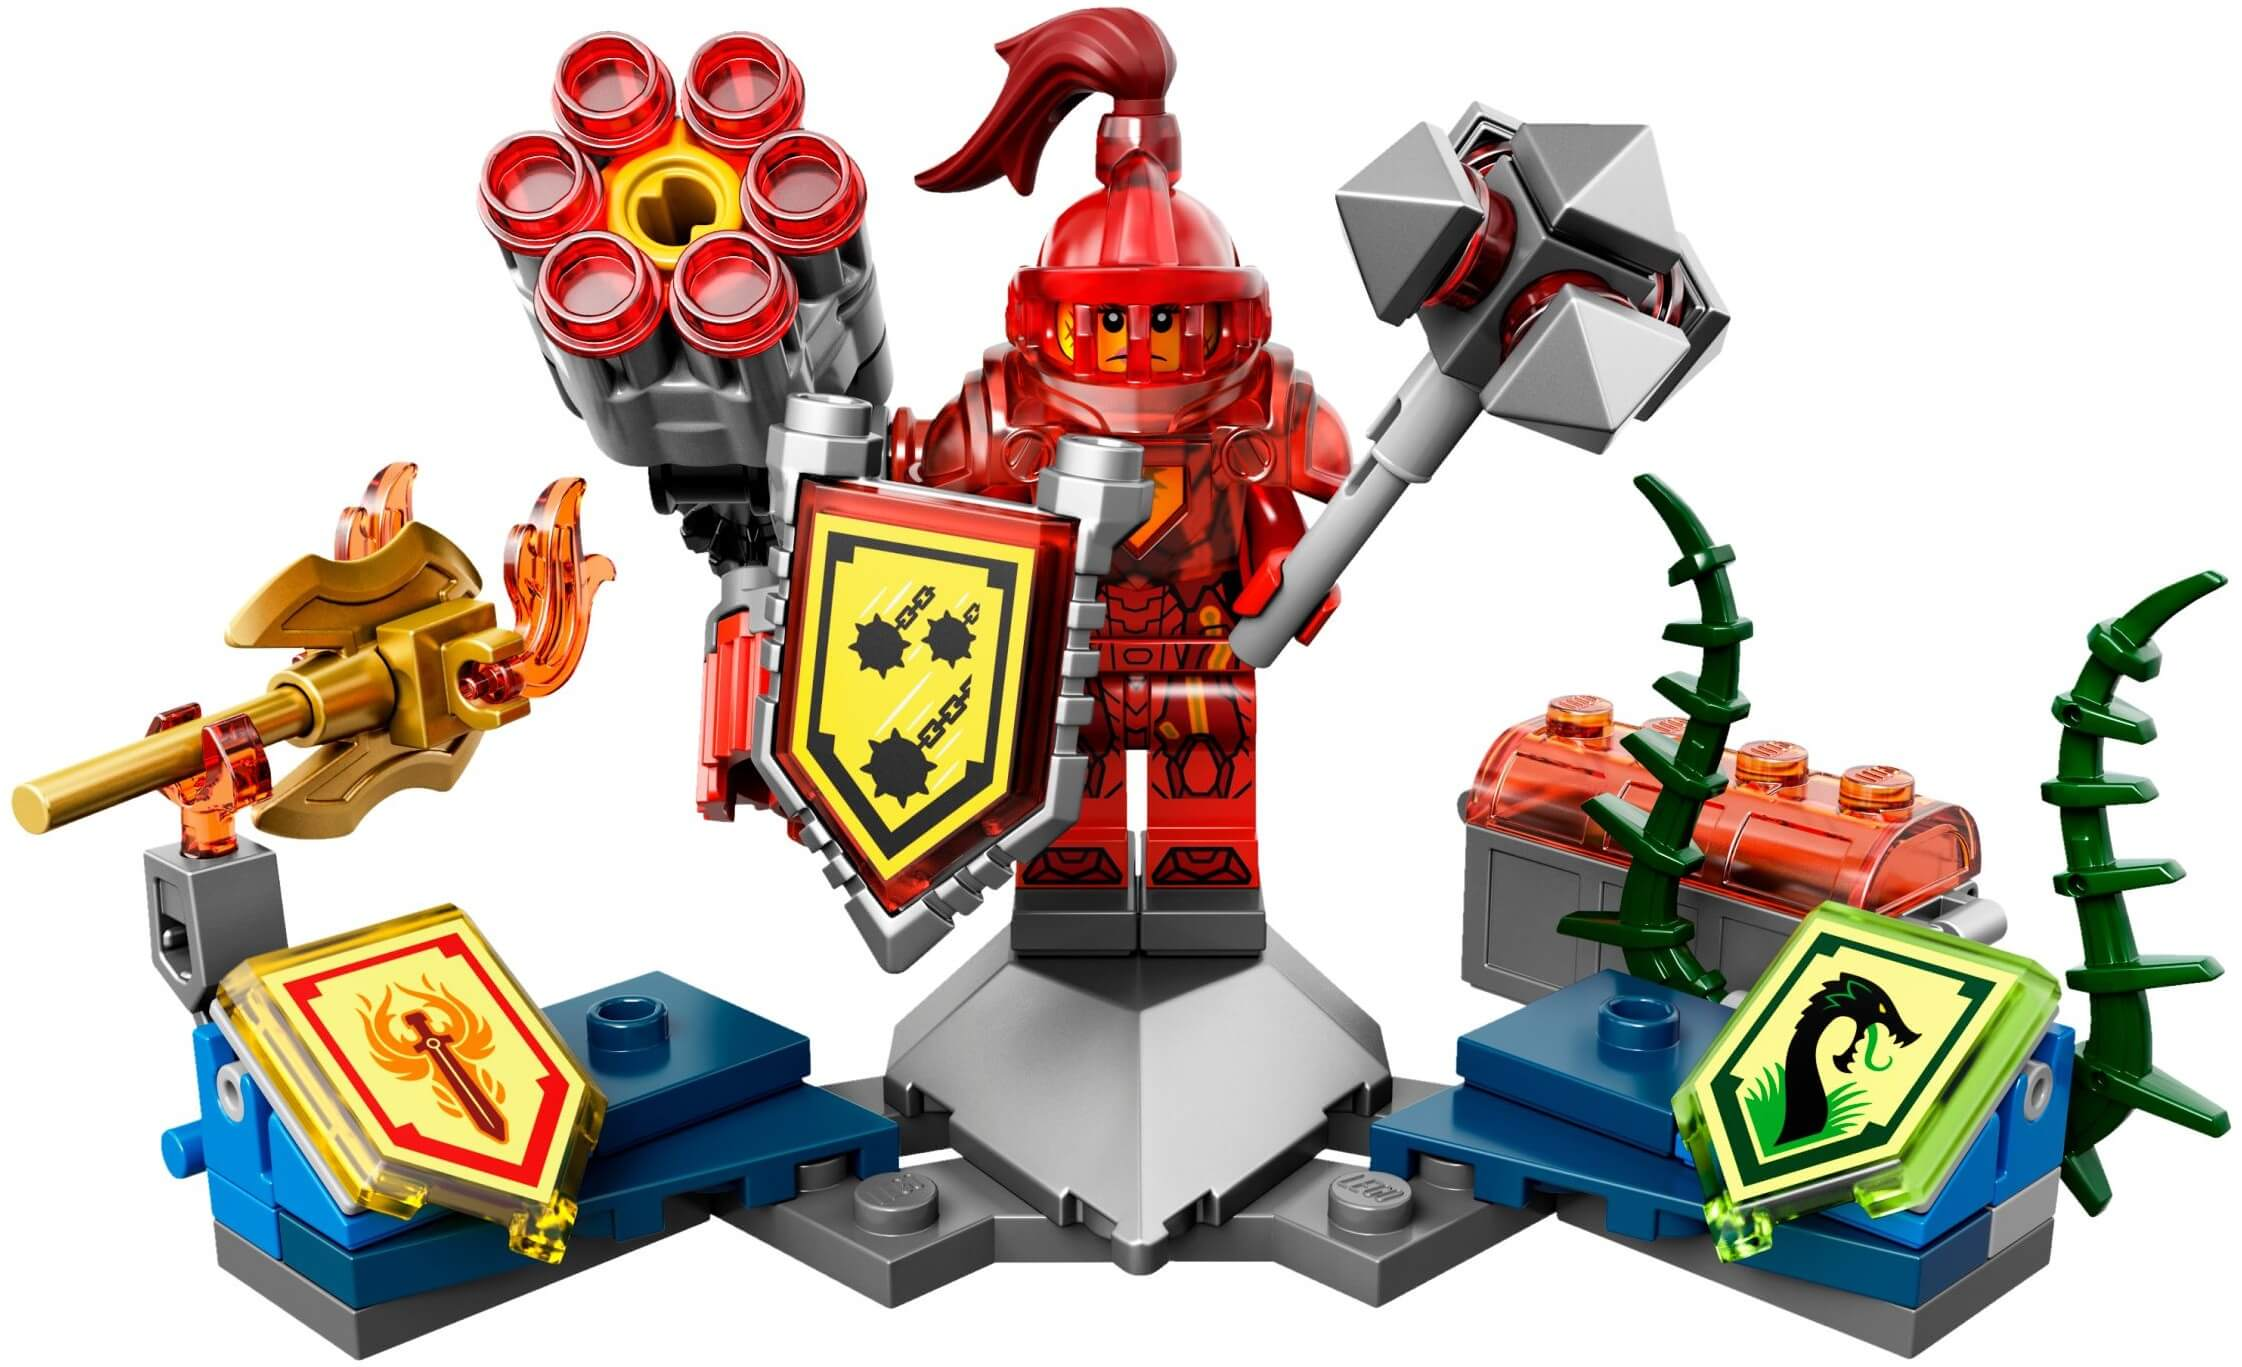 Mua đồ chơi LEGO 70331 - LEGO Nexo Knights 70331 - Hiệp sĩ Macy hùng mạnh (LEGO Nexo Knights Ultimate Macy 70331)